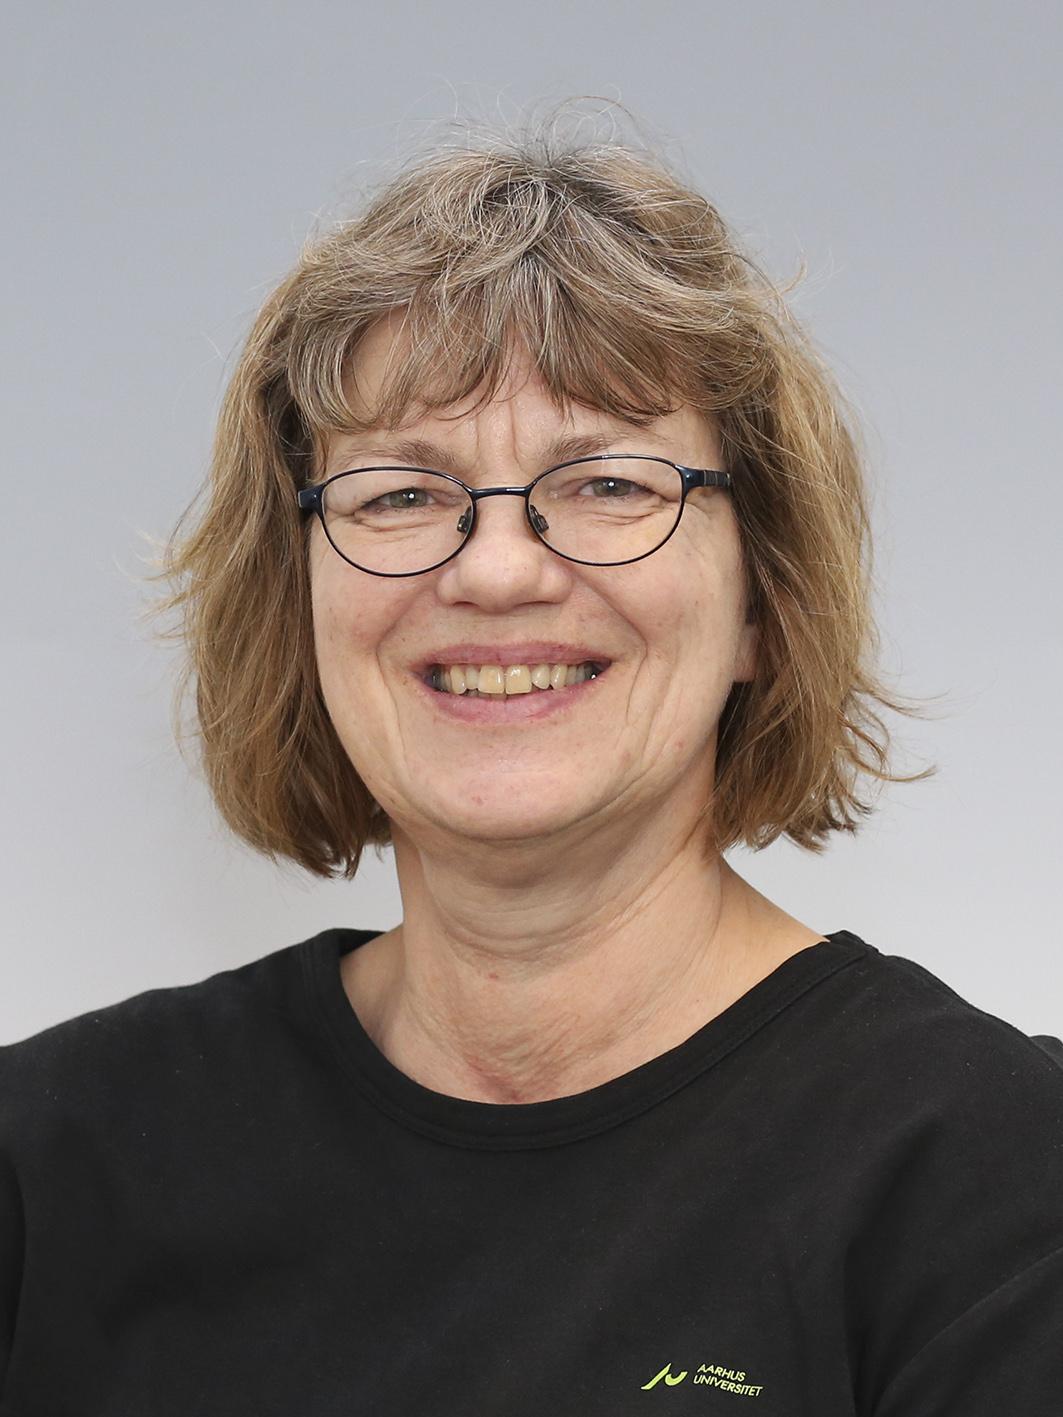 Karin Susanne Reason